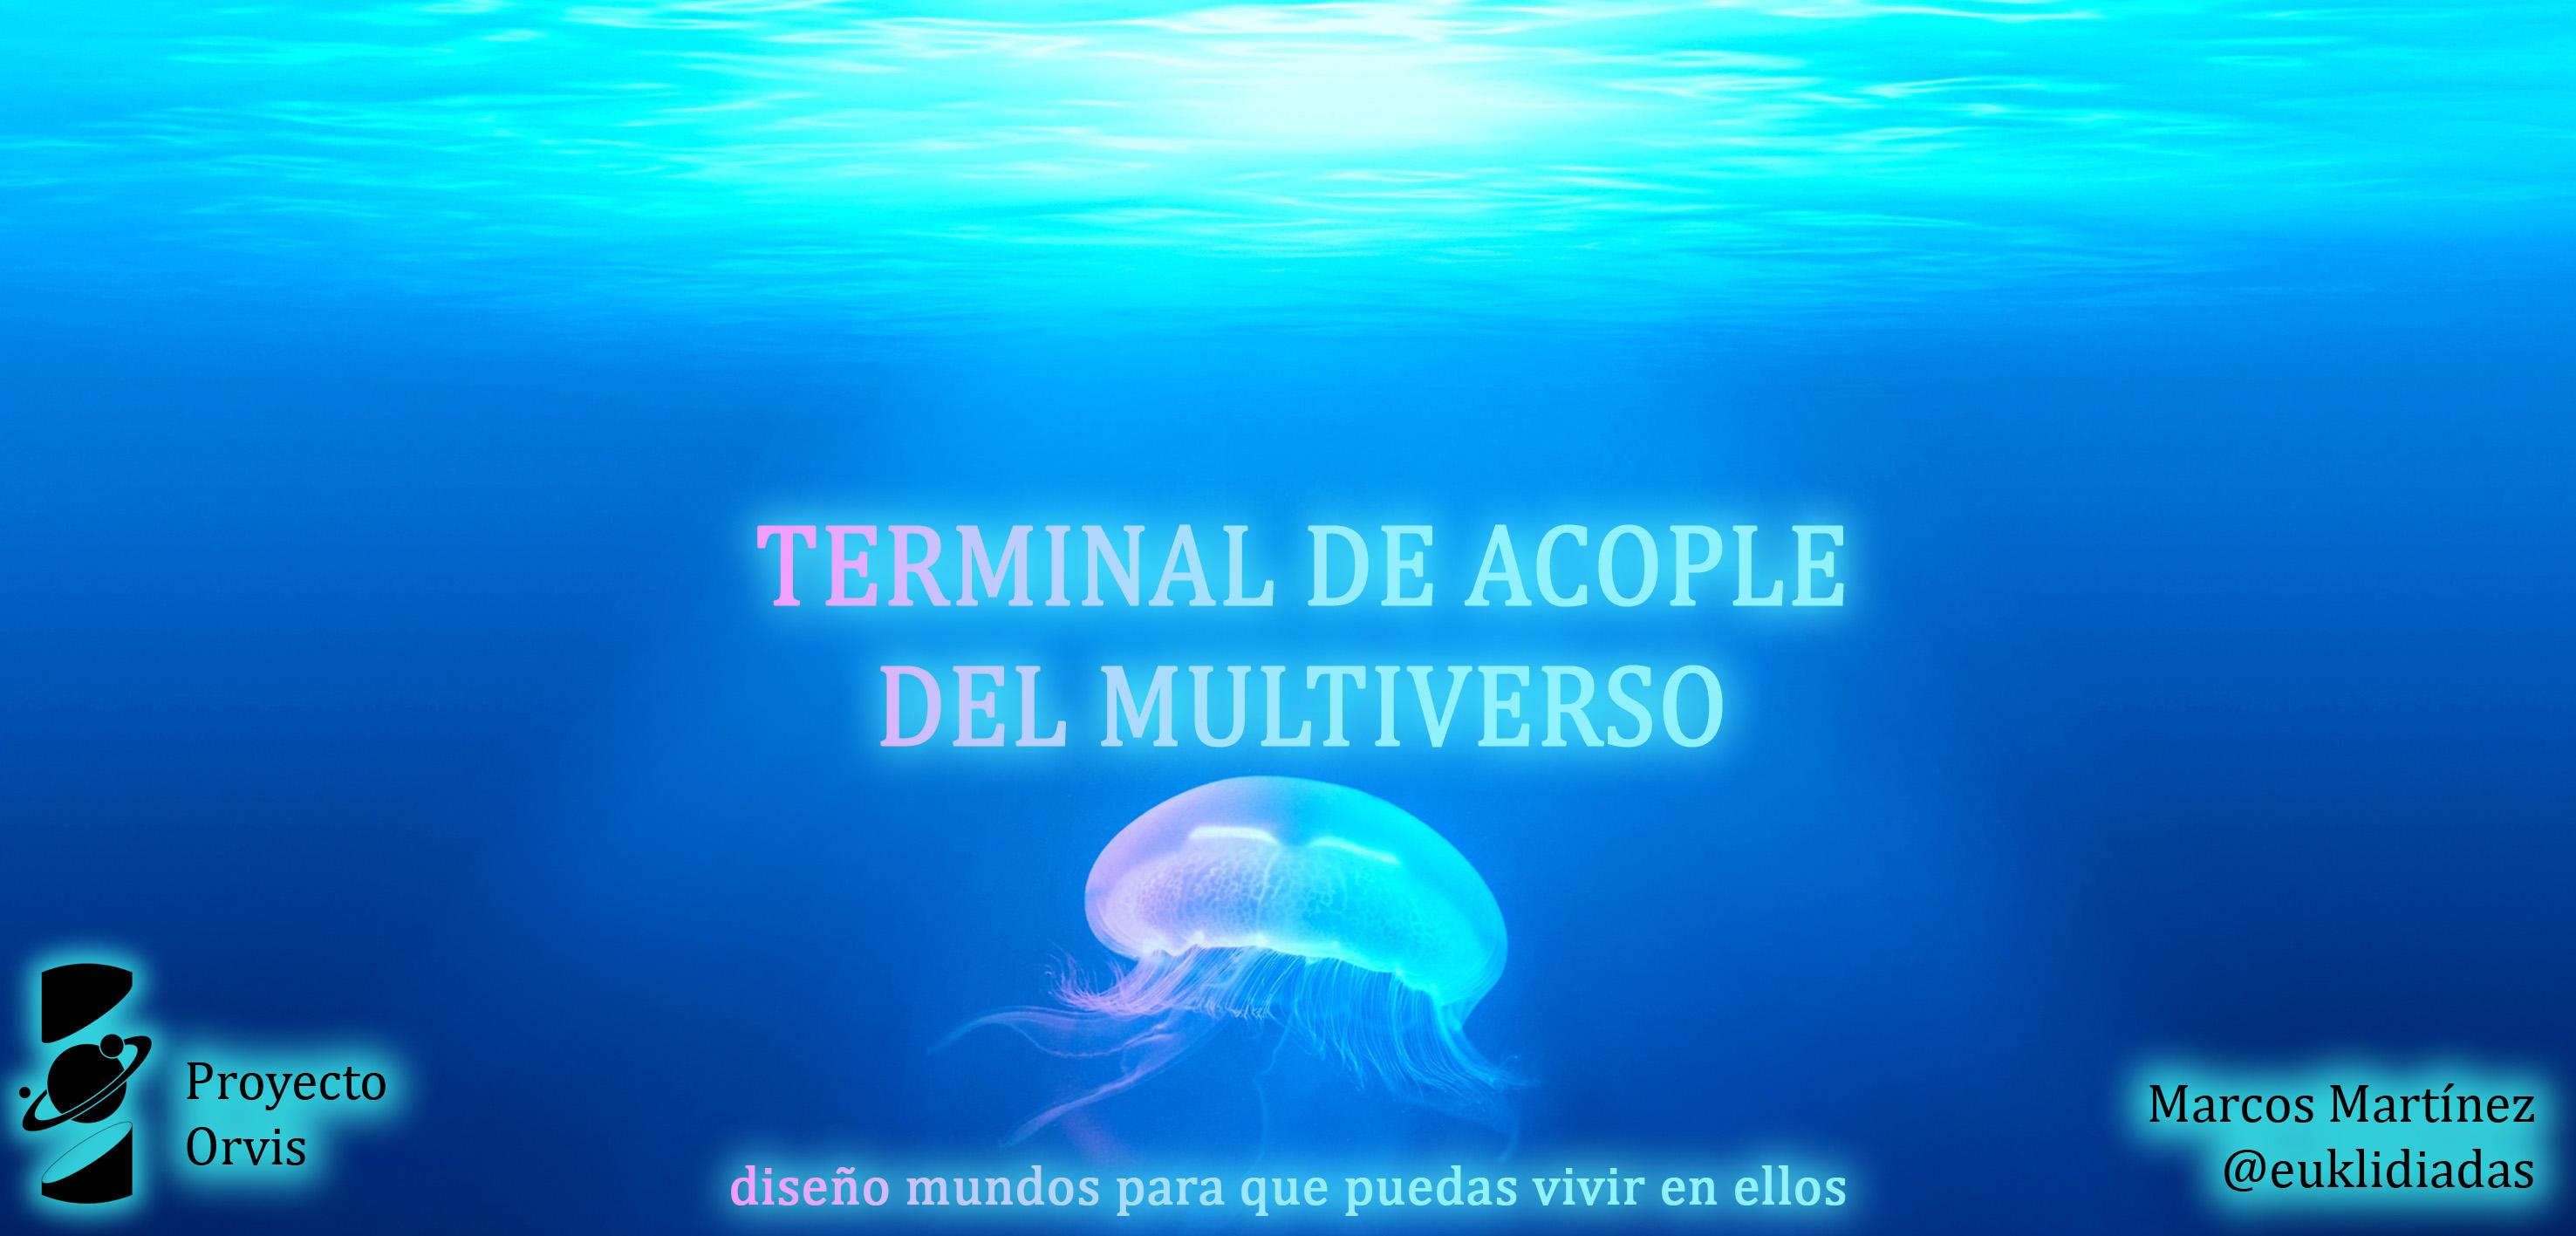 Capitulo 13 Terminal de acople del multiverso